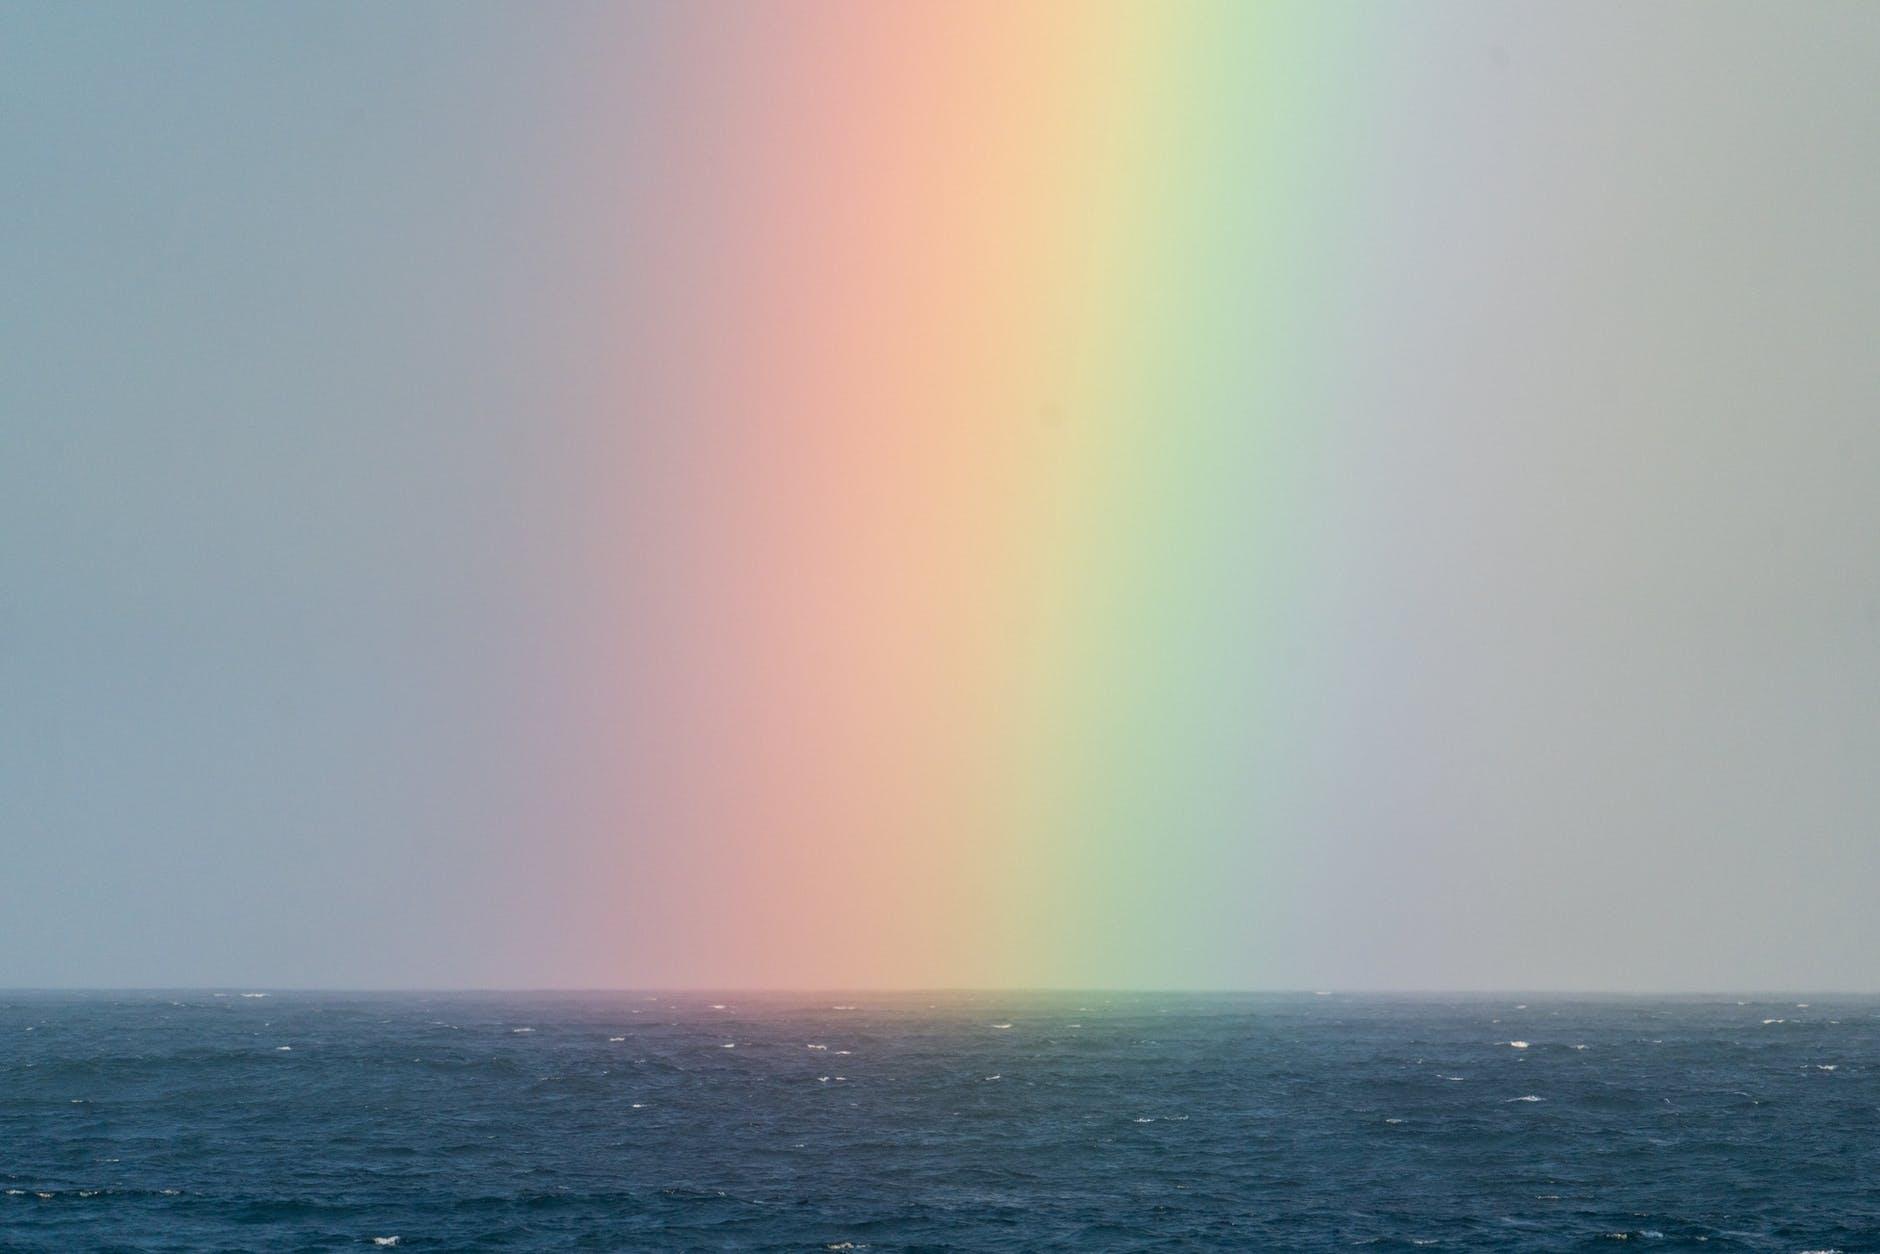 rainbow on sky over sea